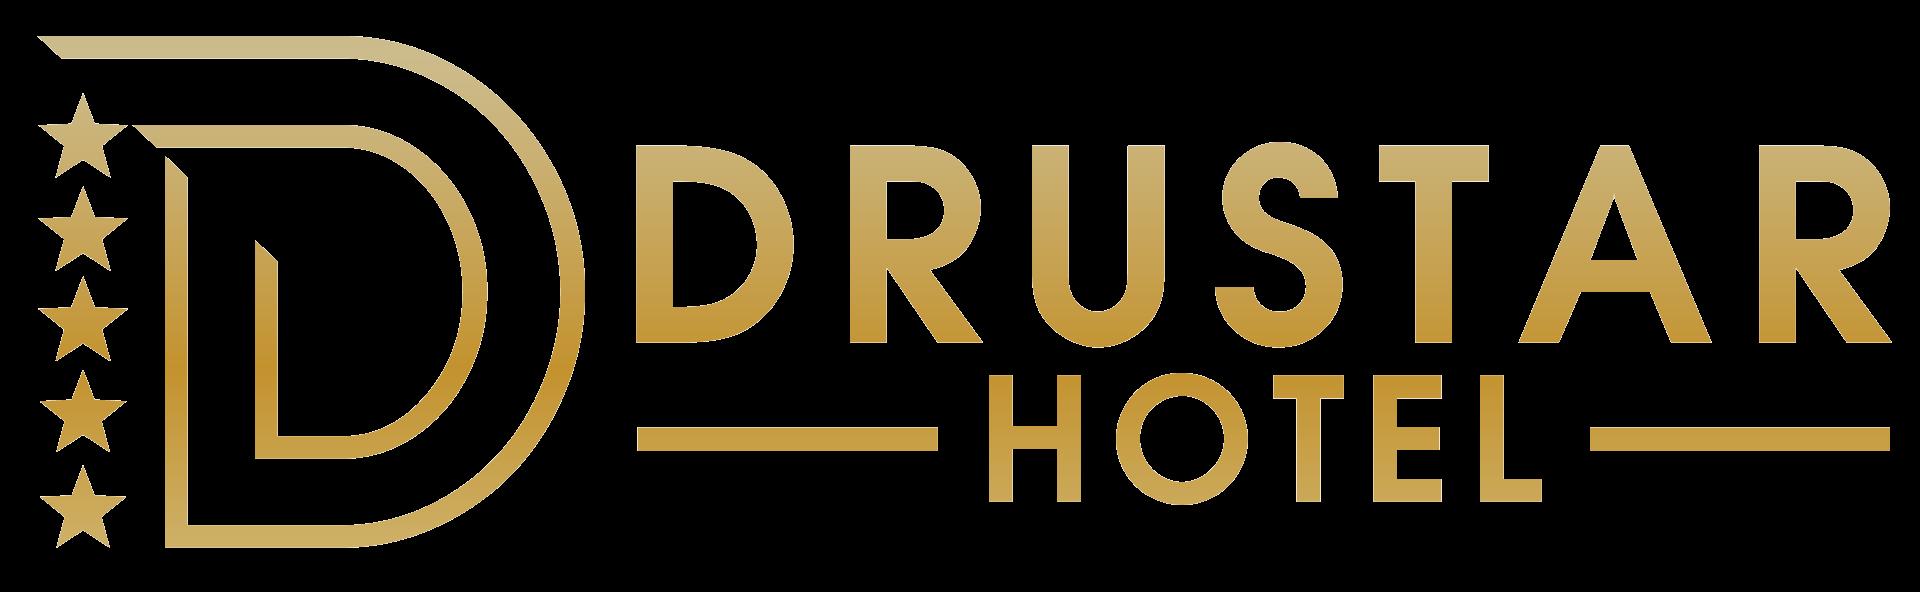 Дръстър хотел Силистра България | Почивка по река Дунав